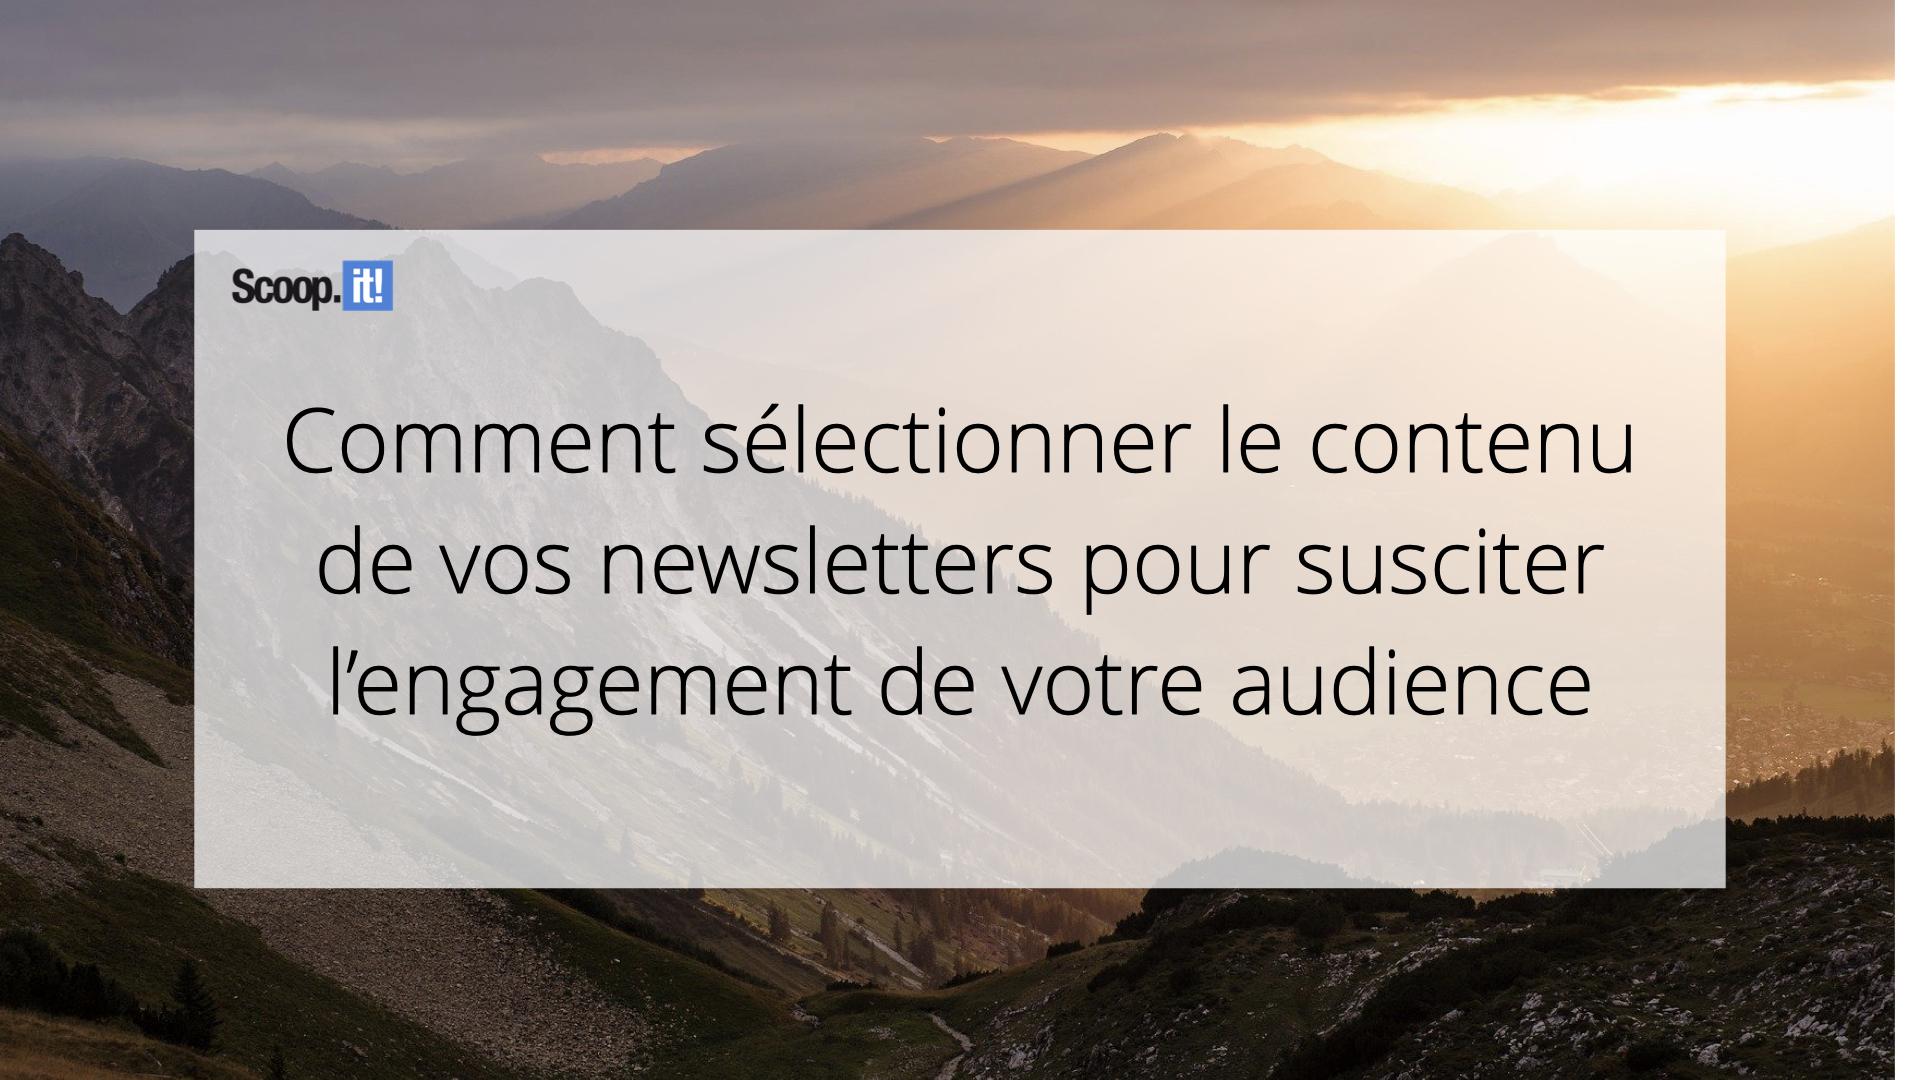 Comment sélectionner le contenu de vos newsletter pour susciter l'engagement de votre audience